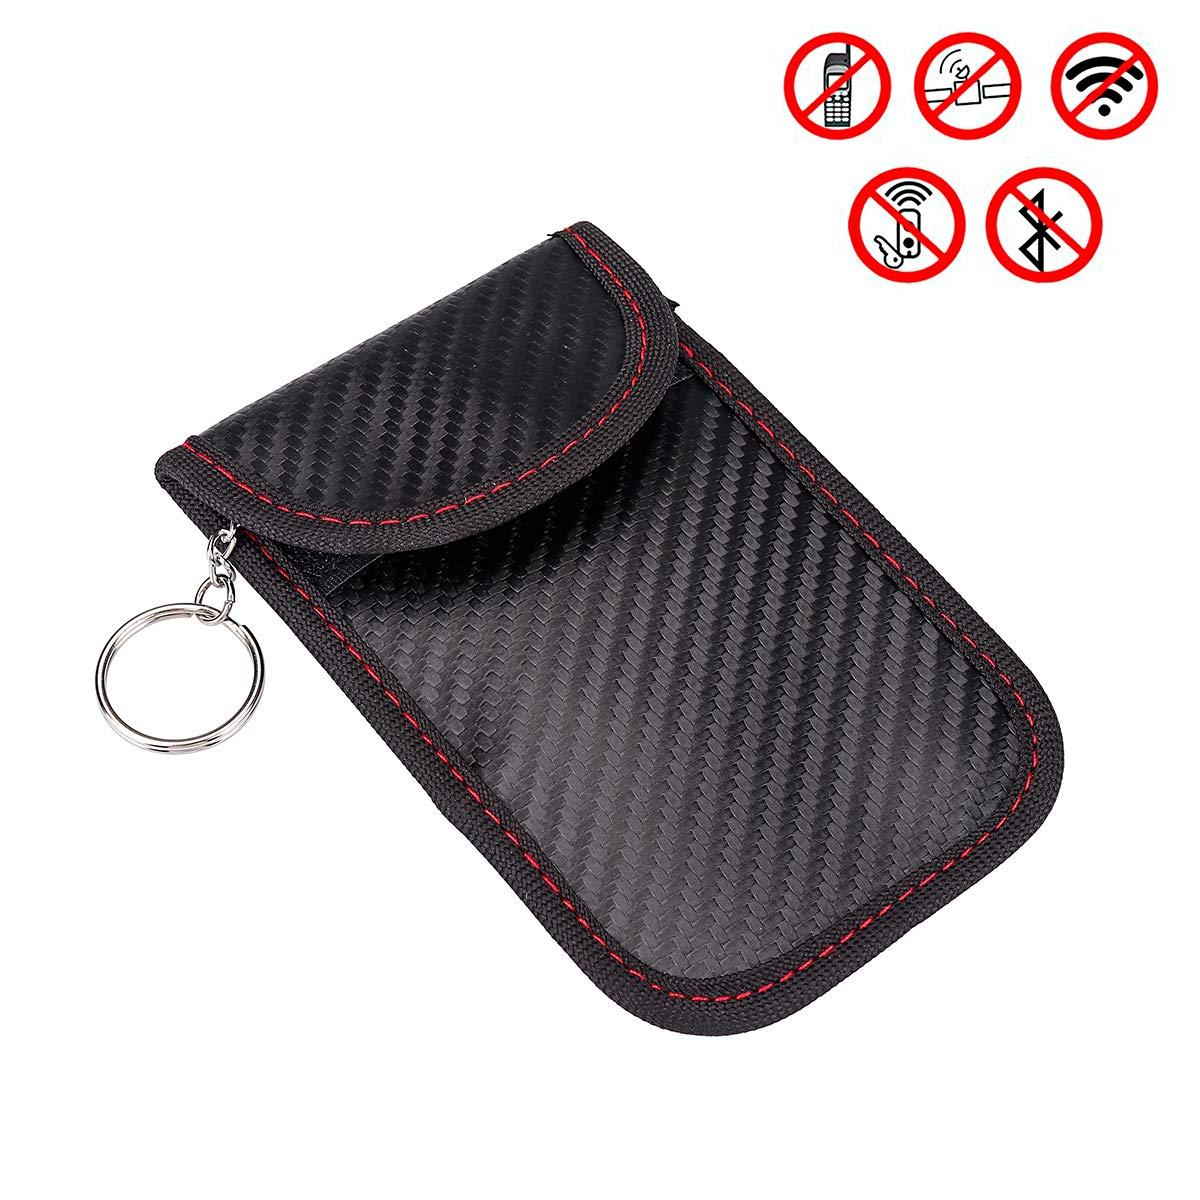 2 Pcs RFID Shield Car Key Fob Signal Blocking Pouch Bag Antitheft Devices Car Key Protector WiFi GSM LTE NFC RF Blocker Yeenee W0A0A2F5S